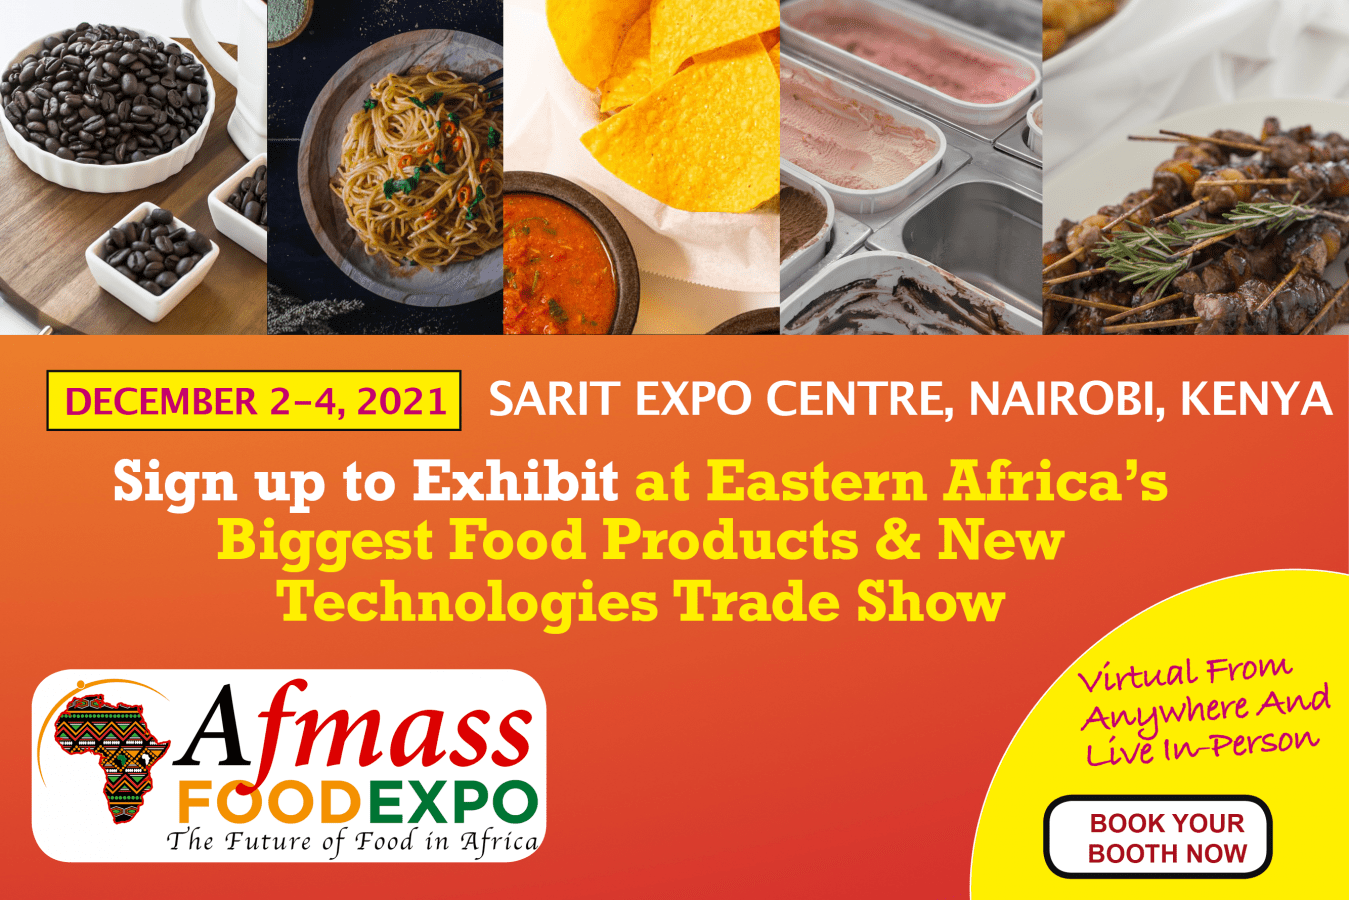 AFMASS Food Expo 2021 ad